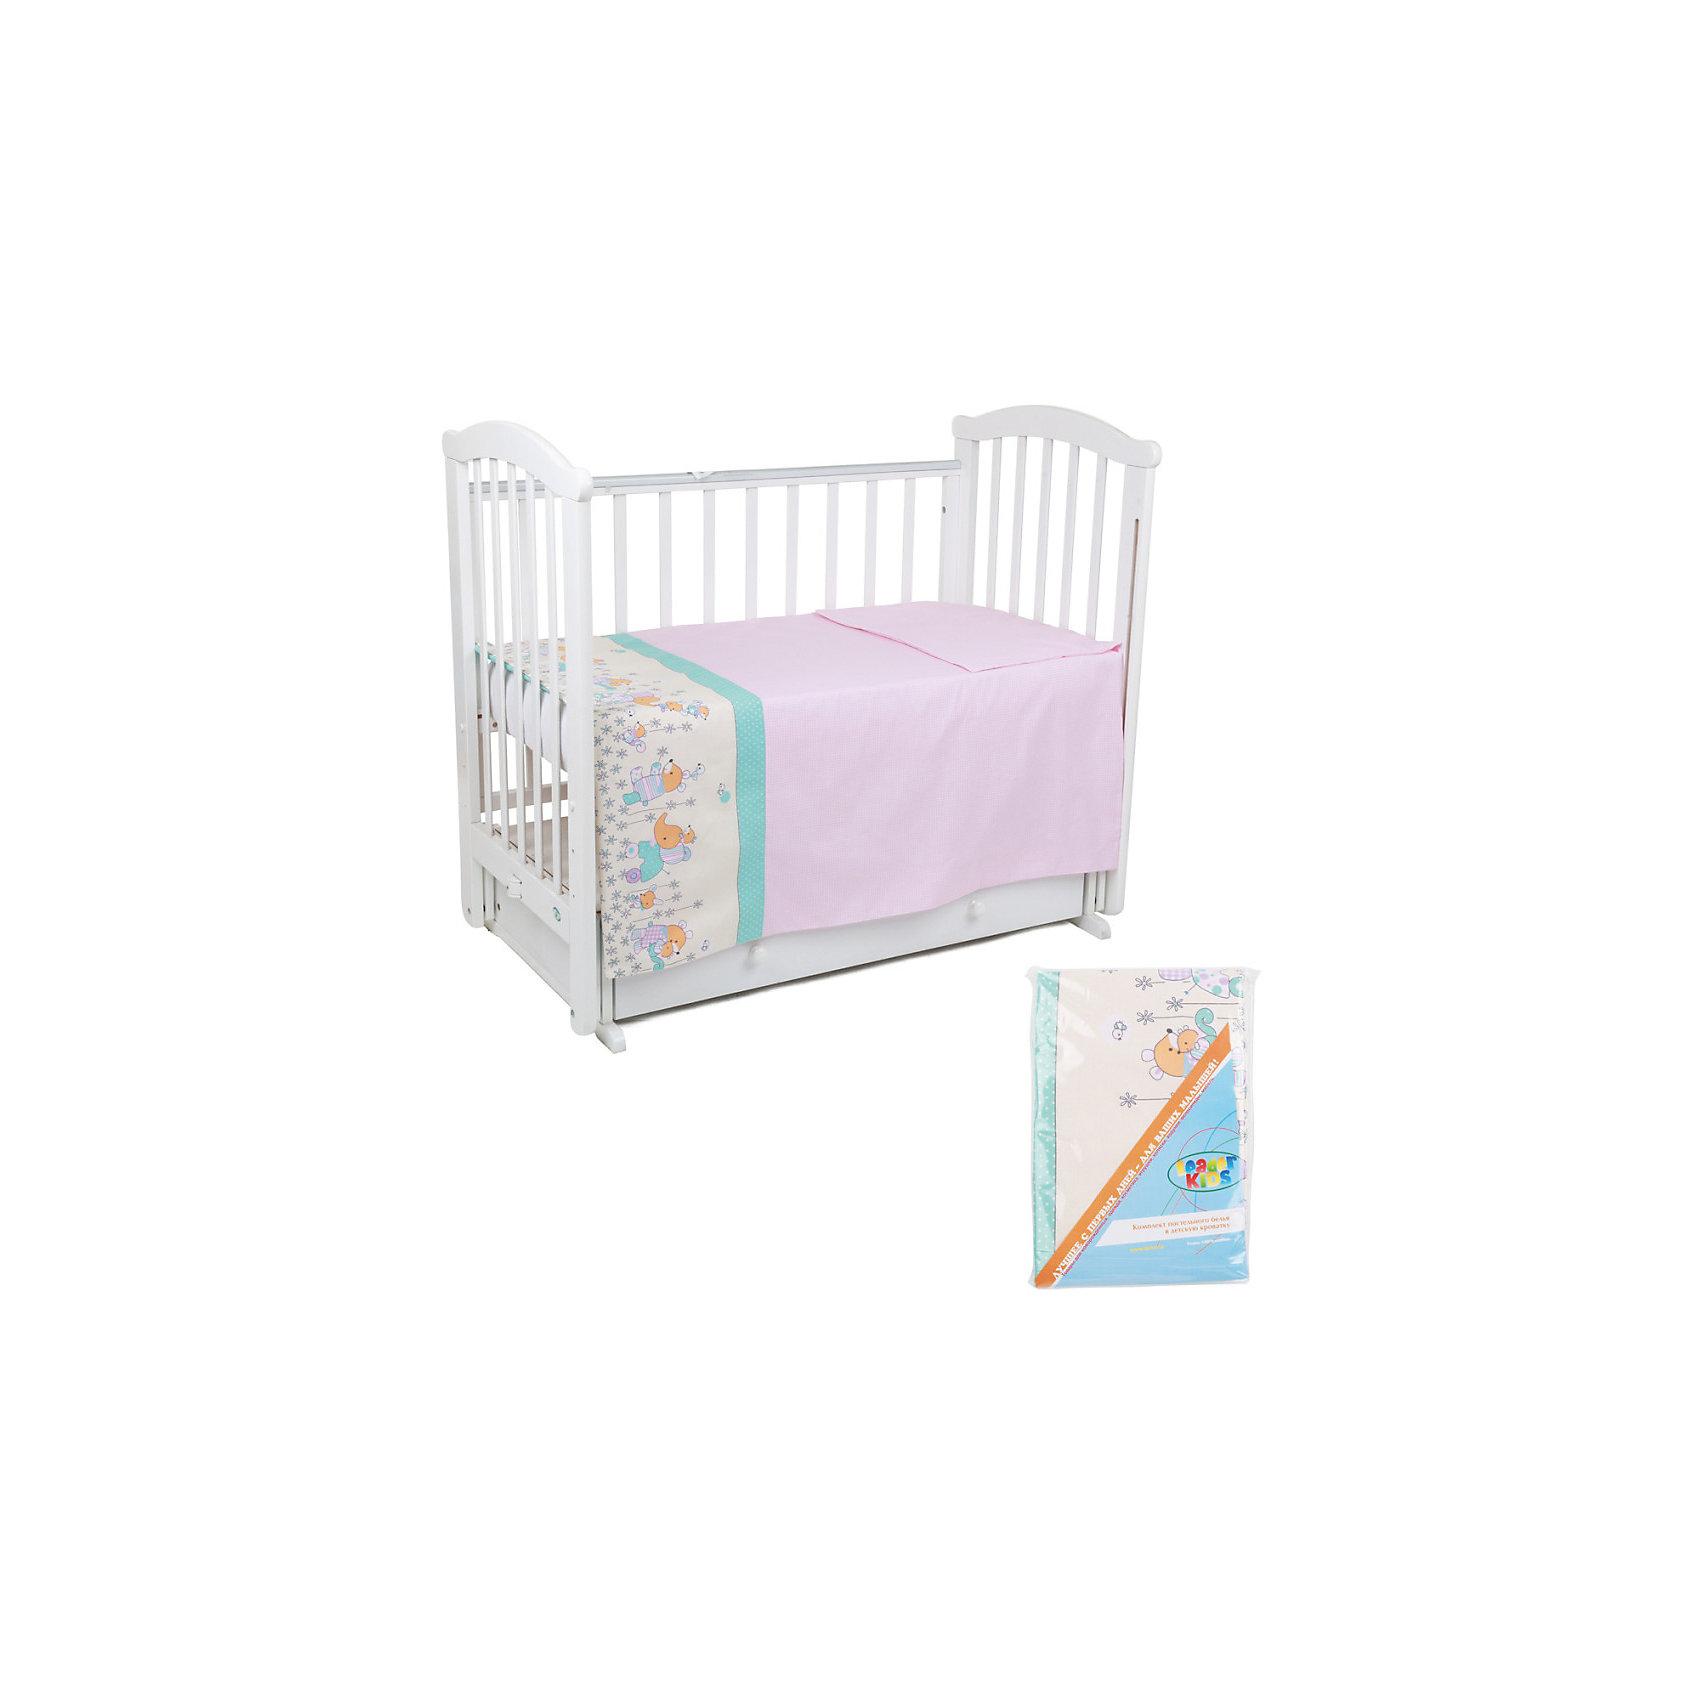 Постельное белье Лужайка 3 пред., Leader kids, розовыйПравильно подобранное постельное белье - это залог крепкого сна ребенка и его хорошего самочувствия. Но постельное белье может при этом быть еще и красивым!<br>Этот набор выполнен из высококачественного гипоаллергенного материала - хлопка. Он приятен на ощупь, позволяет коже дышать, безопасен для детей. В этот комплект входит: простынь, наволочка, пододеяльник. Размер - стандартный, удобно заправляется. Изделие имеет приятную расцветку, декорировано симпатичным принтом. Подойдет к интерьеру различной расцветки.<br><br>Дополнительная информация:<br><br>материал: бязь (хлопок 100%);<br>наволочка: 40x60 см;<br>пододеяльник: 110x140 см;<br>простыня: 90x150 см;<br>принт;<br>цвет: розовый.<br><br>Постельное белье Лужайка 3 пред. от компании Leader kids можно купить в нашем магазине.<br><br>Ширина мм: 370<br>Глубина мм: 200<br>Высота мм: 2700<br>Вес г: 1500<br>Возраст от месяцев: 0<br>Возраст до месяцев: 36<br>Пол: Женский<br>Возраст: Детский<br>SKU: 4778549